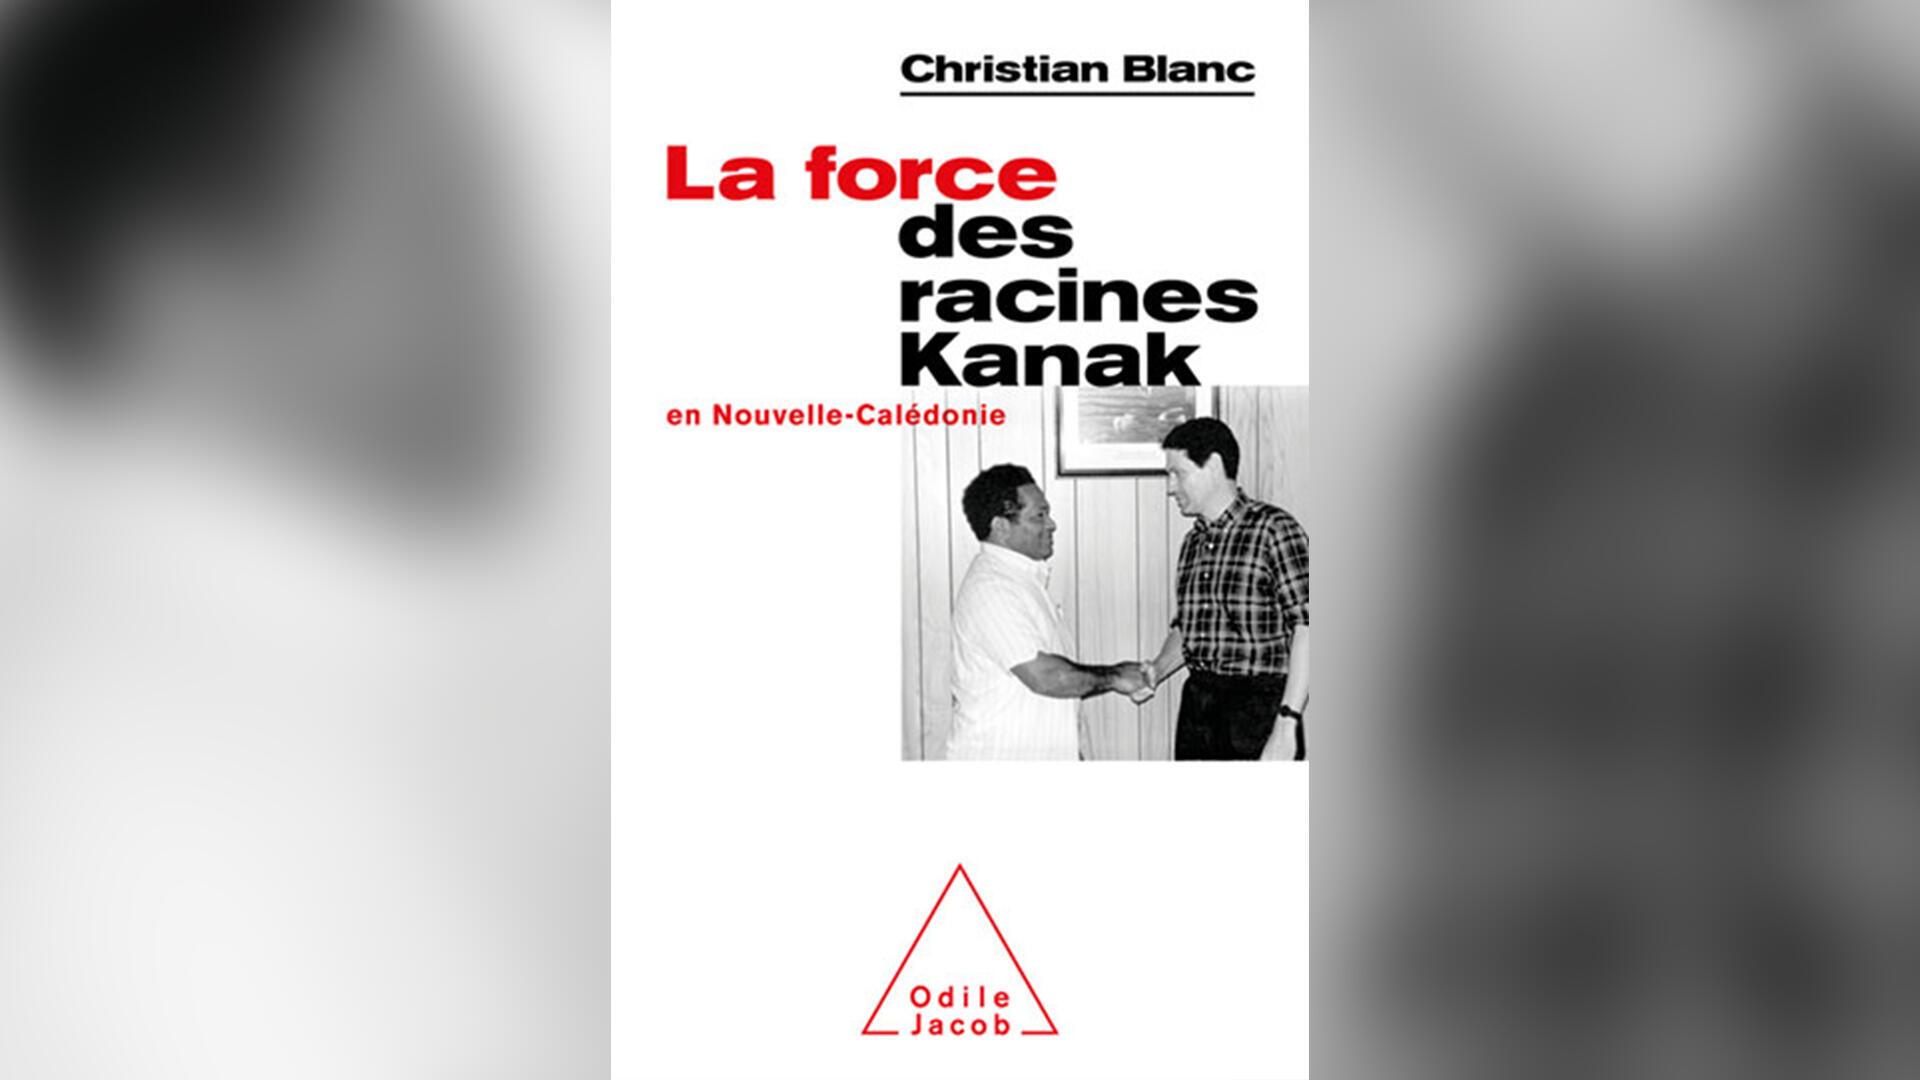 «La force des racines Kanak en Nouvelle-Calédonie», par Christian Blanc.